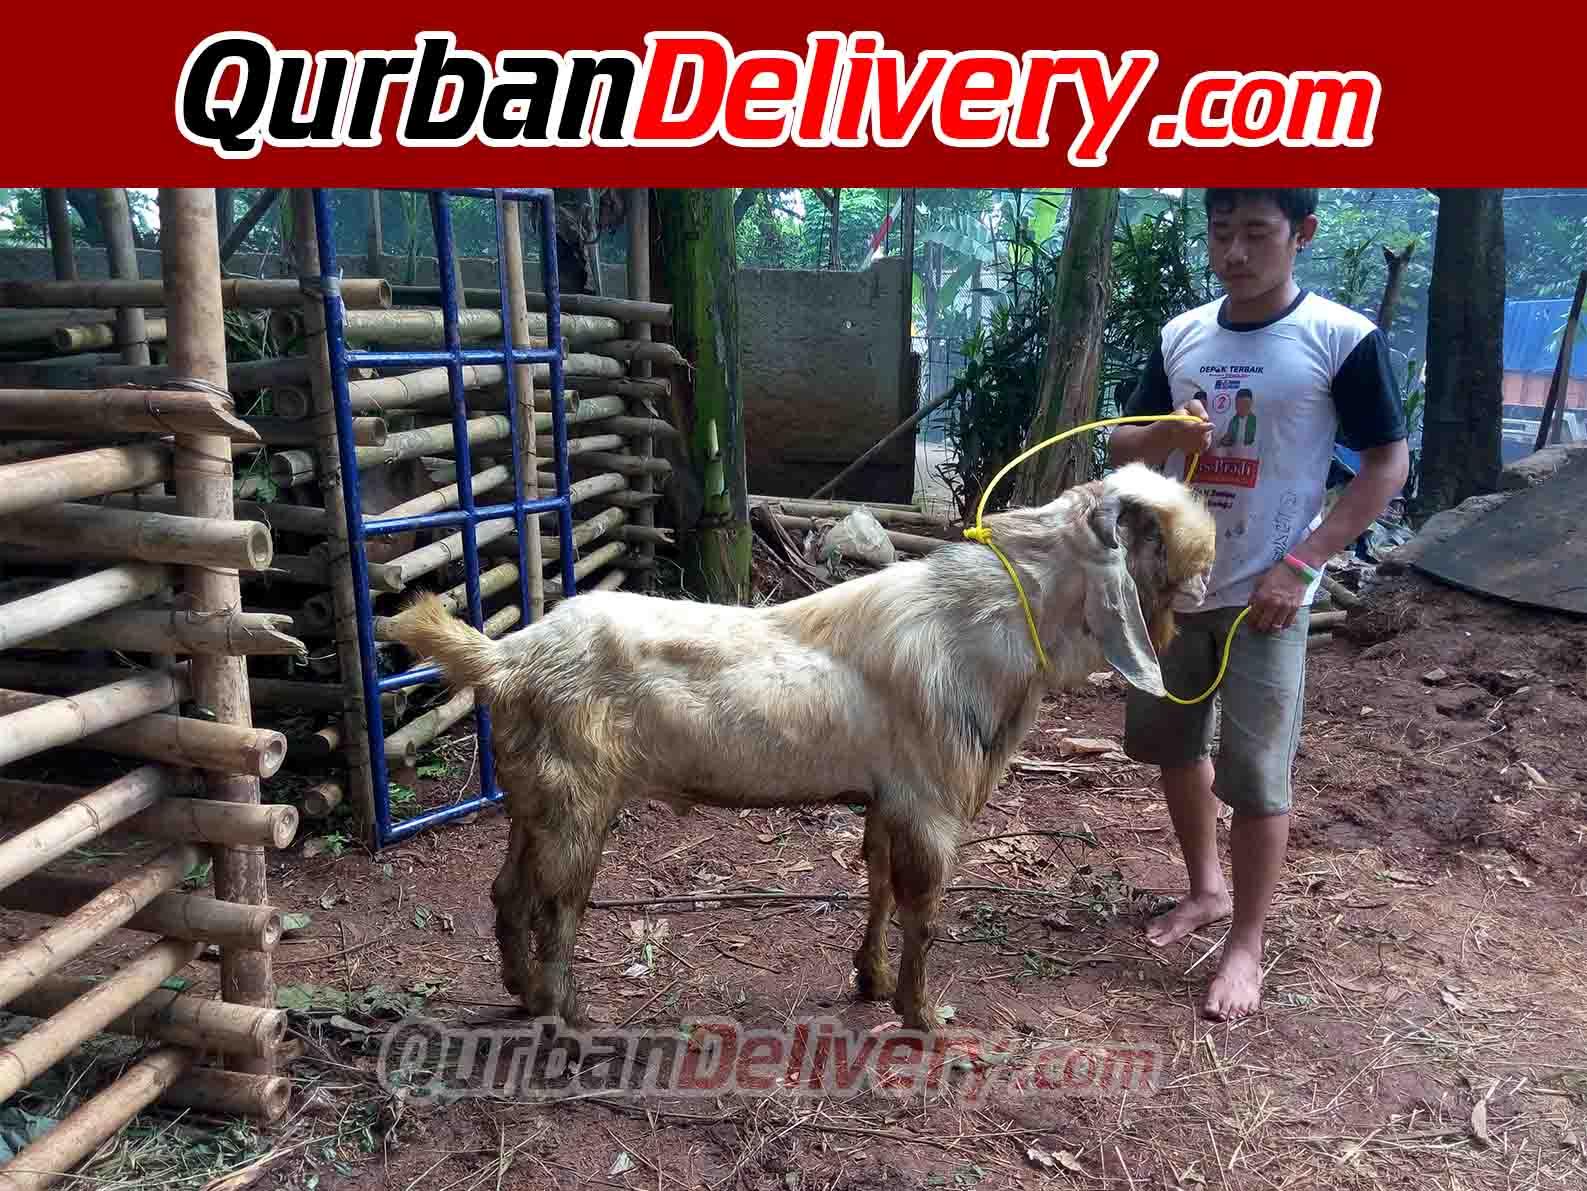 Jual hewan kurban, kambing kurban, sapi kurban dengan harga murah dan kualitas terbaik. Jual Sapi PO Qurban Di Bekasi Prediksi 2021-Qurban Delivery